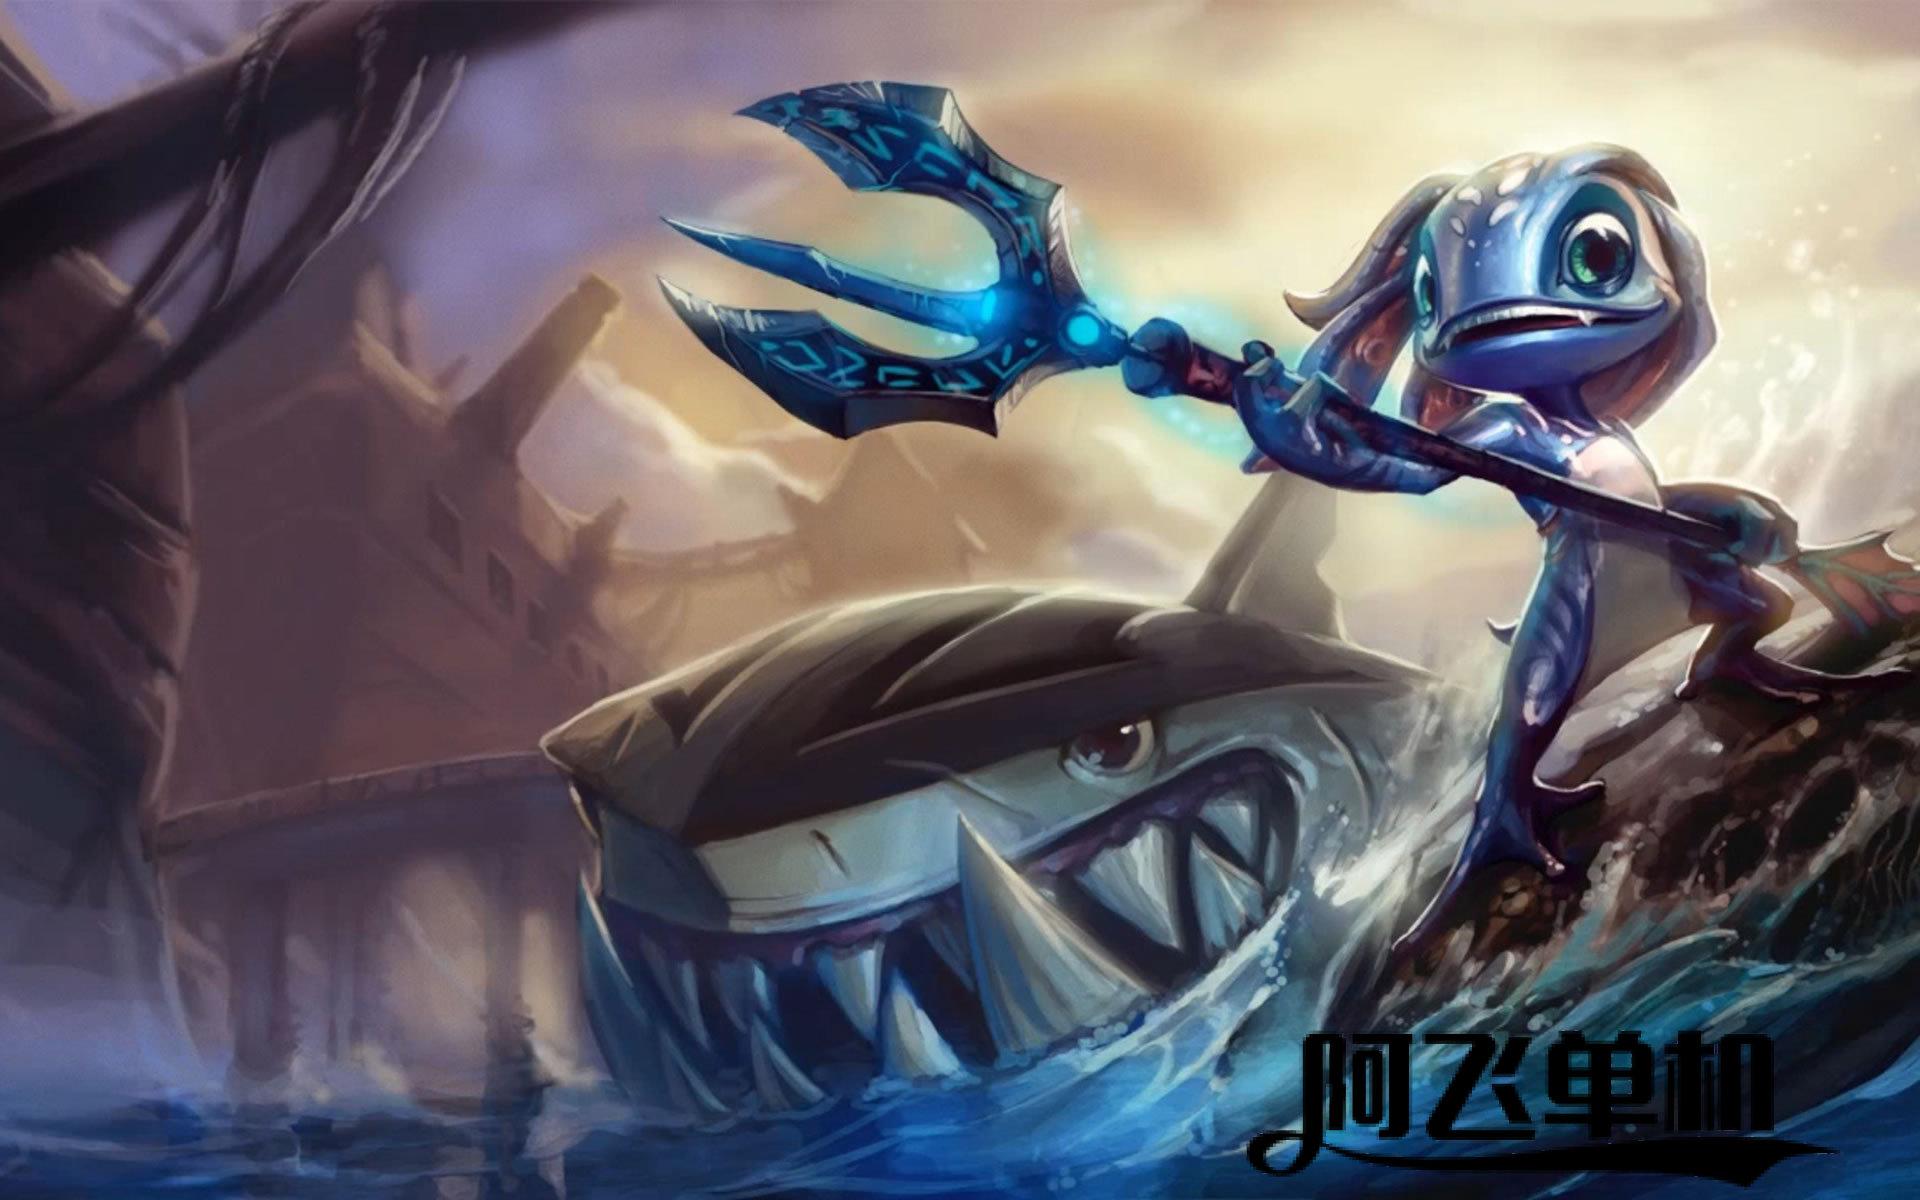 《铲子骑士:挖掘》官方公布游戏视频预告片段